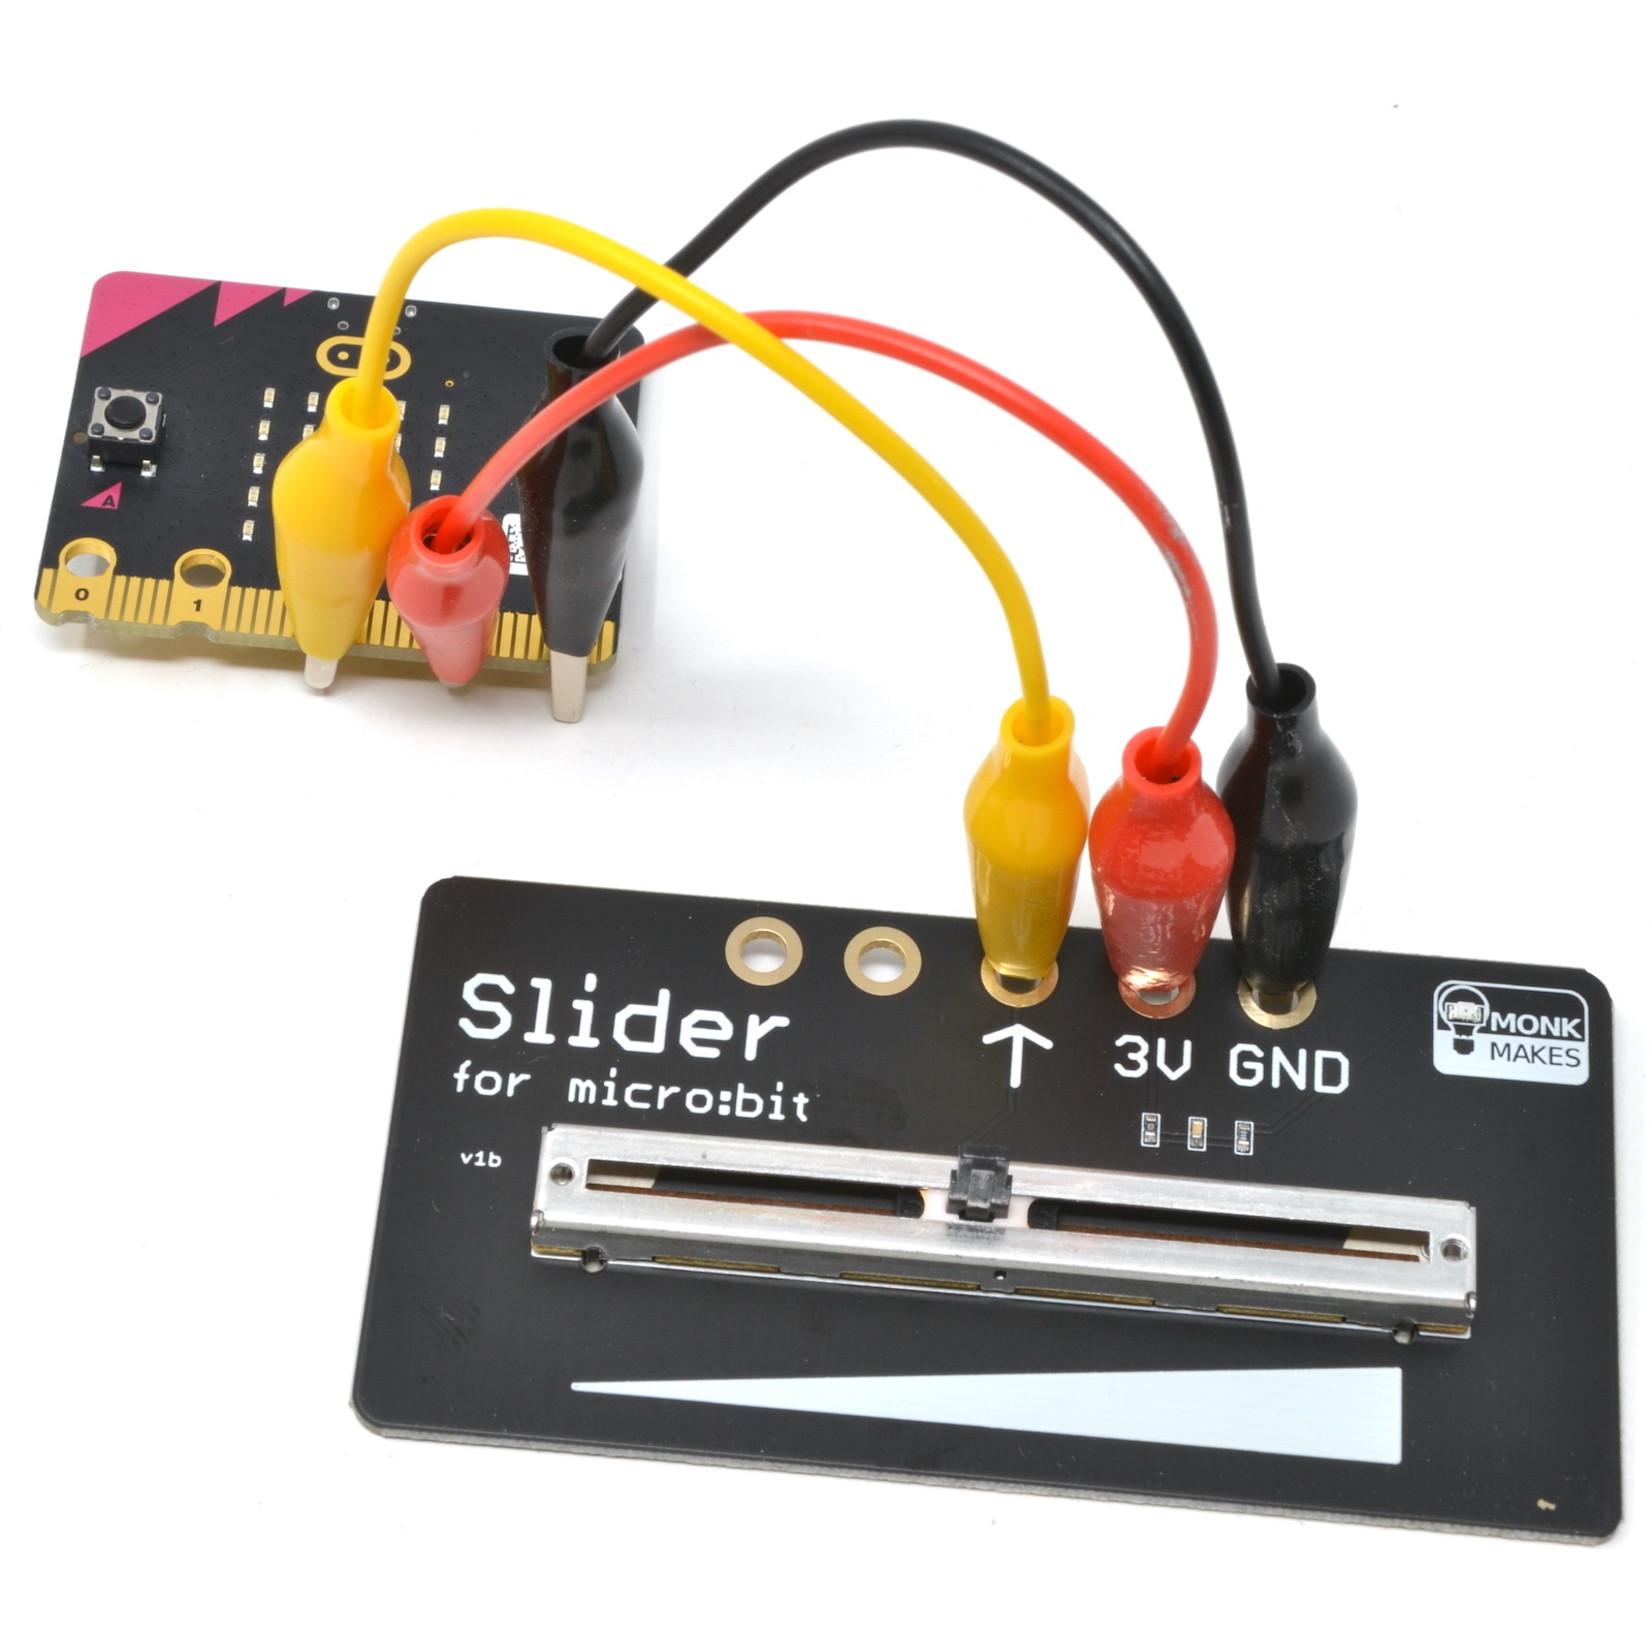 MonkMakes Slider for micro:bit